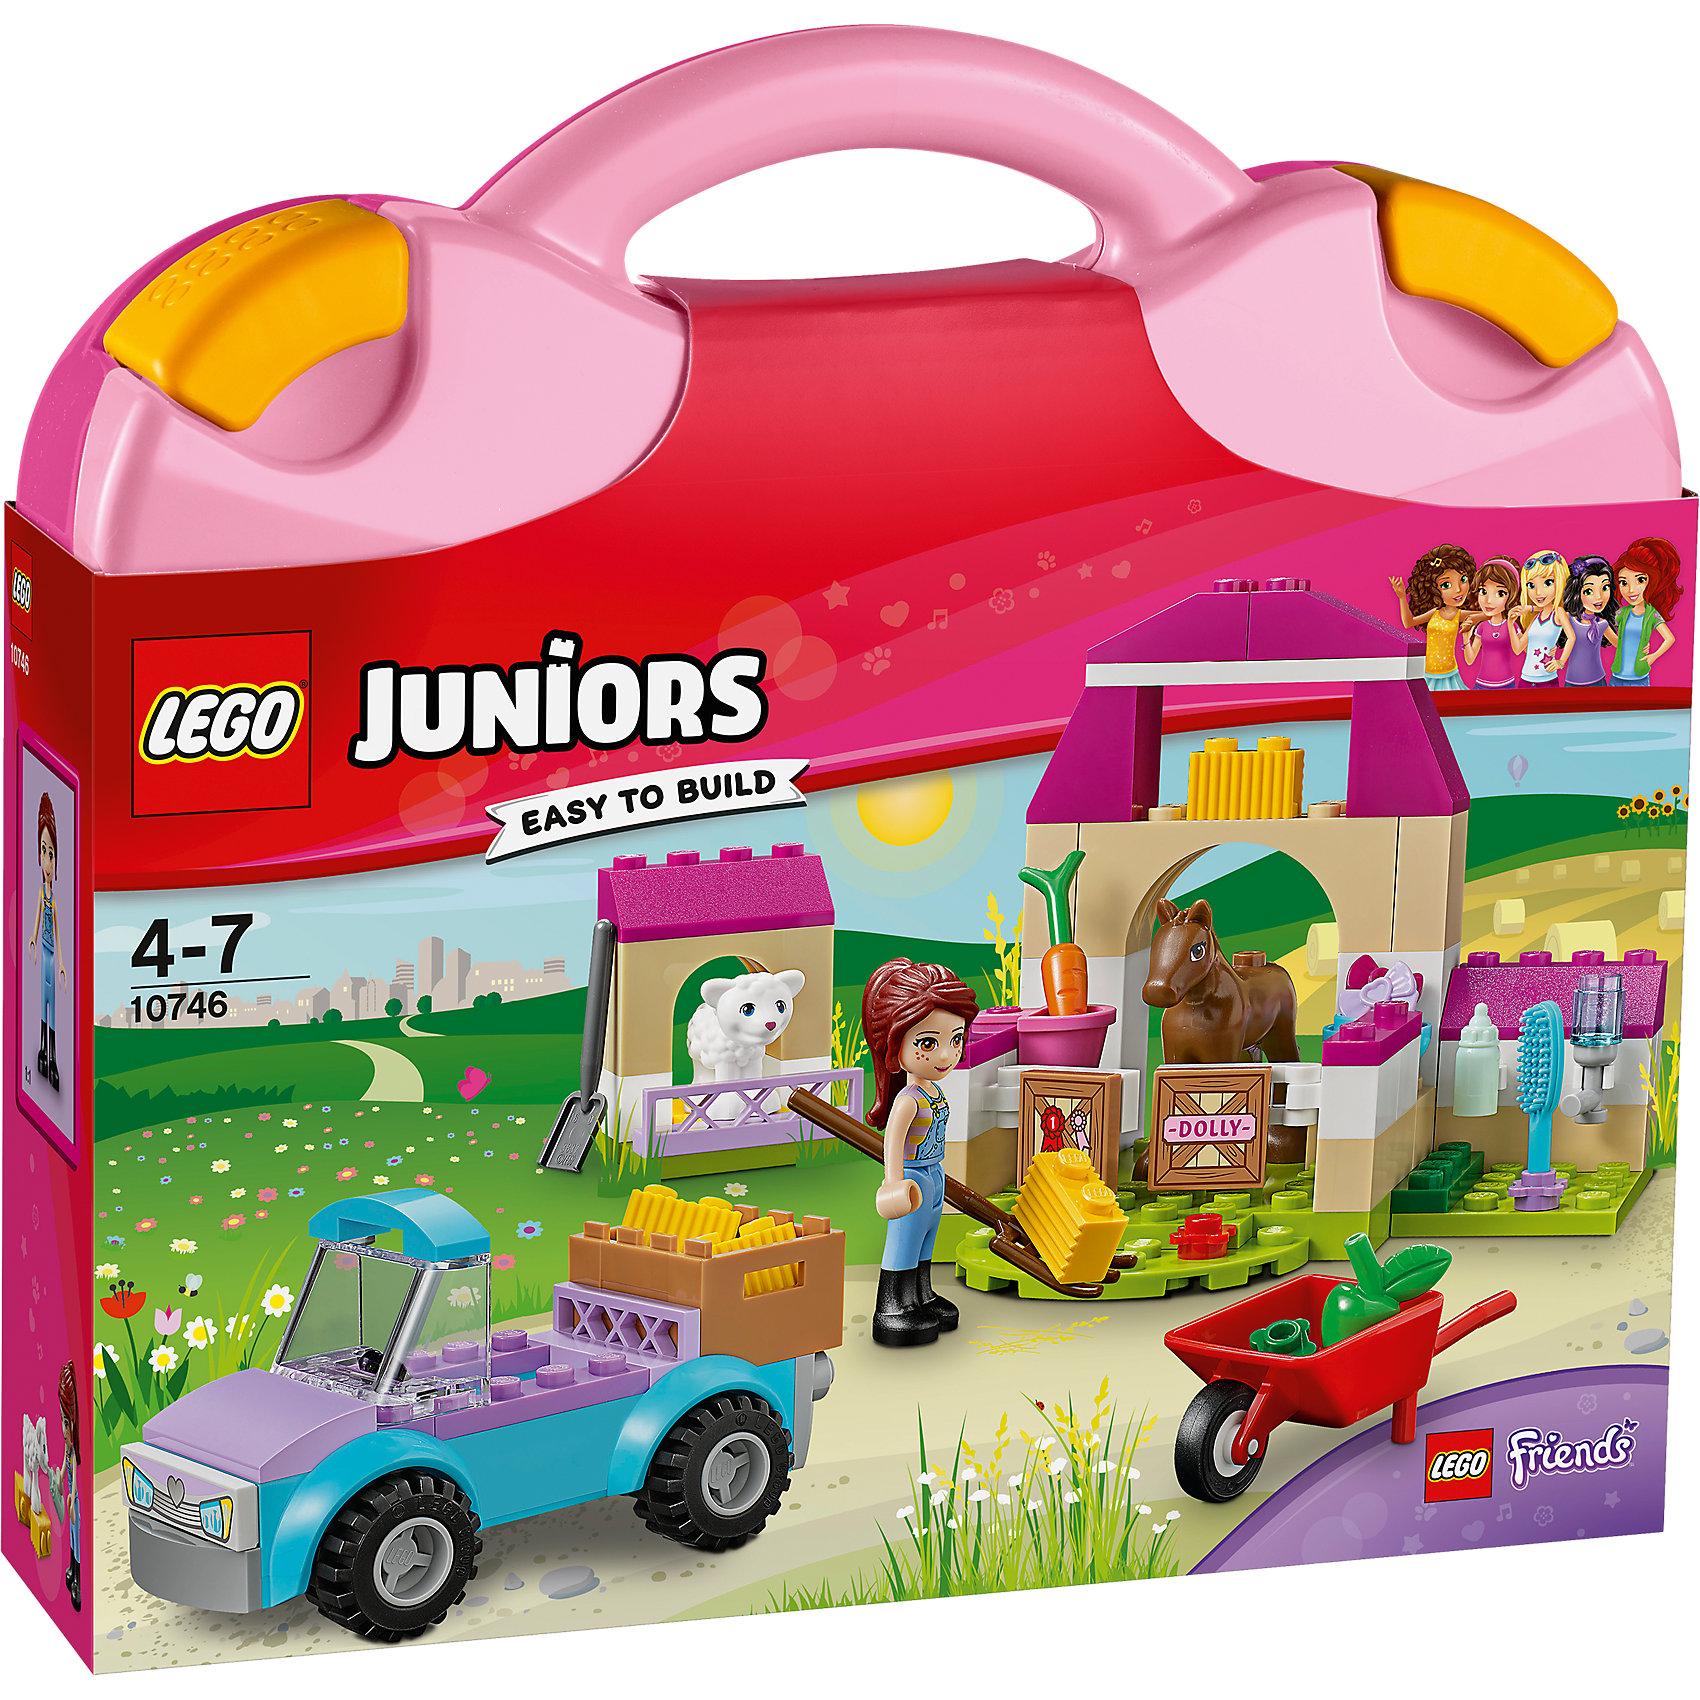 LEGO Juniors 10746: Чемоданчик «Ферма Мии»Пластмассовые конструкторы<br>LEGO Juniors 10746: Чемоданчик «Ферма Мии»<br><br>Характеристики:<br><br>- в набор входит: детали машины, фермы, 2 фигурки животных, фигурка девочки, аксессуары, красочная инструкция<br>- состав: пластик<br>- количество деталей: 100 <br>- размер чемоданчика: 28 * 6 * 26 см.<br>- размер машины: 9 * 4 * 4 см.<br>- для детей в возрасте: от 4 до 7 лет<br>- Страна производитель: Дания/Китай/Чехия<br><br>Легендарный конструктор LEGO (ЛЕГО) представляет серию «Juniors» (Джуниорс) для новичков в строительстве из конструктора ЛЕГО. Набор «Ферма Мии» включает в себя все необходимое для игры в ферму. Трудолюбивая Мия выращивает на своей ферме лошадку и овечку. Она собирает урожай в небольшую тачку с помощью вил и лопаты и кормит зверей яблоками, морковью и сеном. Ее ферма оснащена всем необходимым для ухода за животными, специальные поилки, бутылочка для еще маленькой овечки, расческа для гладкой и шелковистой шерстки. Мия планирует отвезти животных на фермерскую выставку и получить там первые места. В набор входят два бантика для смены прически девочки. Все детали набора легко собираются и в них можно уже играть. Благодаря удобному пластиковому чемоданчику на защелках конструктор можно эргономично хранить. Играя с конструктором ребенок развивает моторику рук, воображение и логическое мышление. Придумывайте новые игры с набором LEGO «Juniors»!<br><br>Конструктор LEGO Juniors 10746: Чемоданчик «Ферма Мии» можно купить в нашем интернет-магазине.<br><br>Ширина мм: 284<br>Глубина мм: 266<br>Высота мм: 71<br>Вес г: 736<br>Возраст от месяцев: 48<br>Возраст до месяцев: 84<br>Пол: Женский<br>Возраст: Детский<br>SKU: 5002507